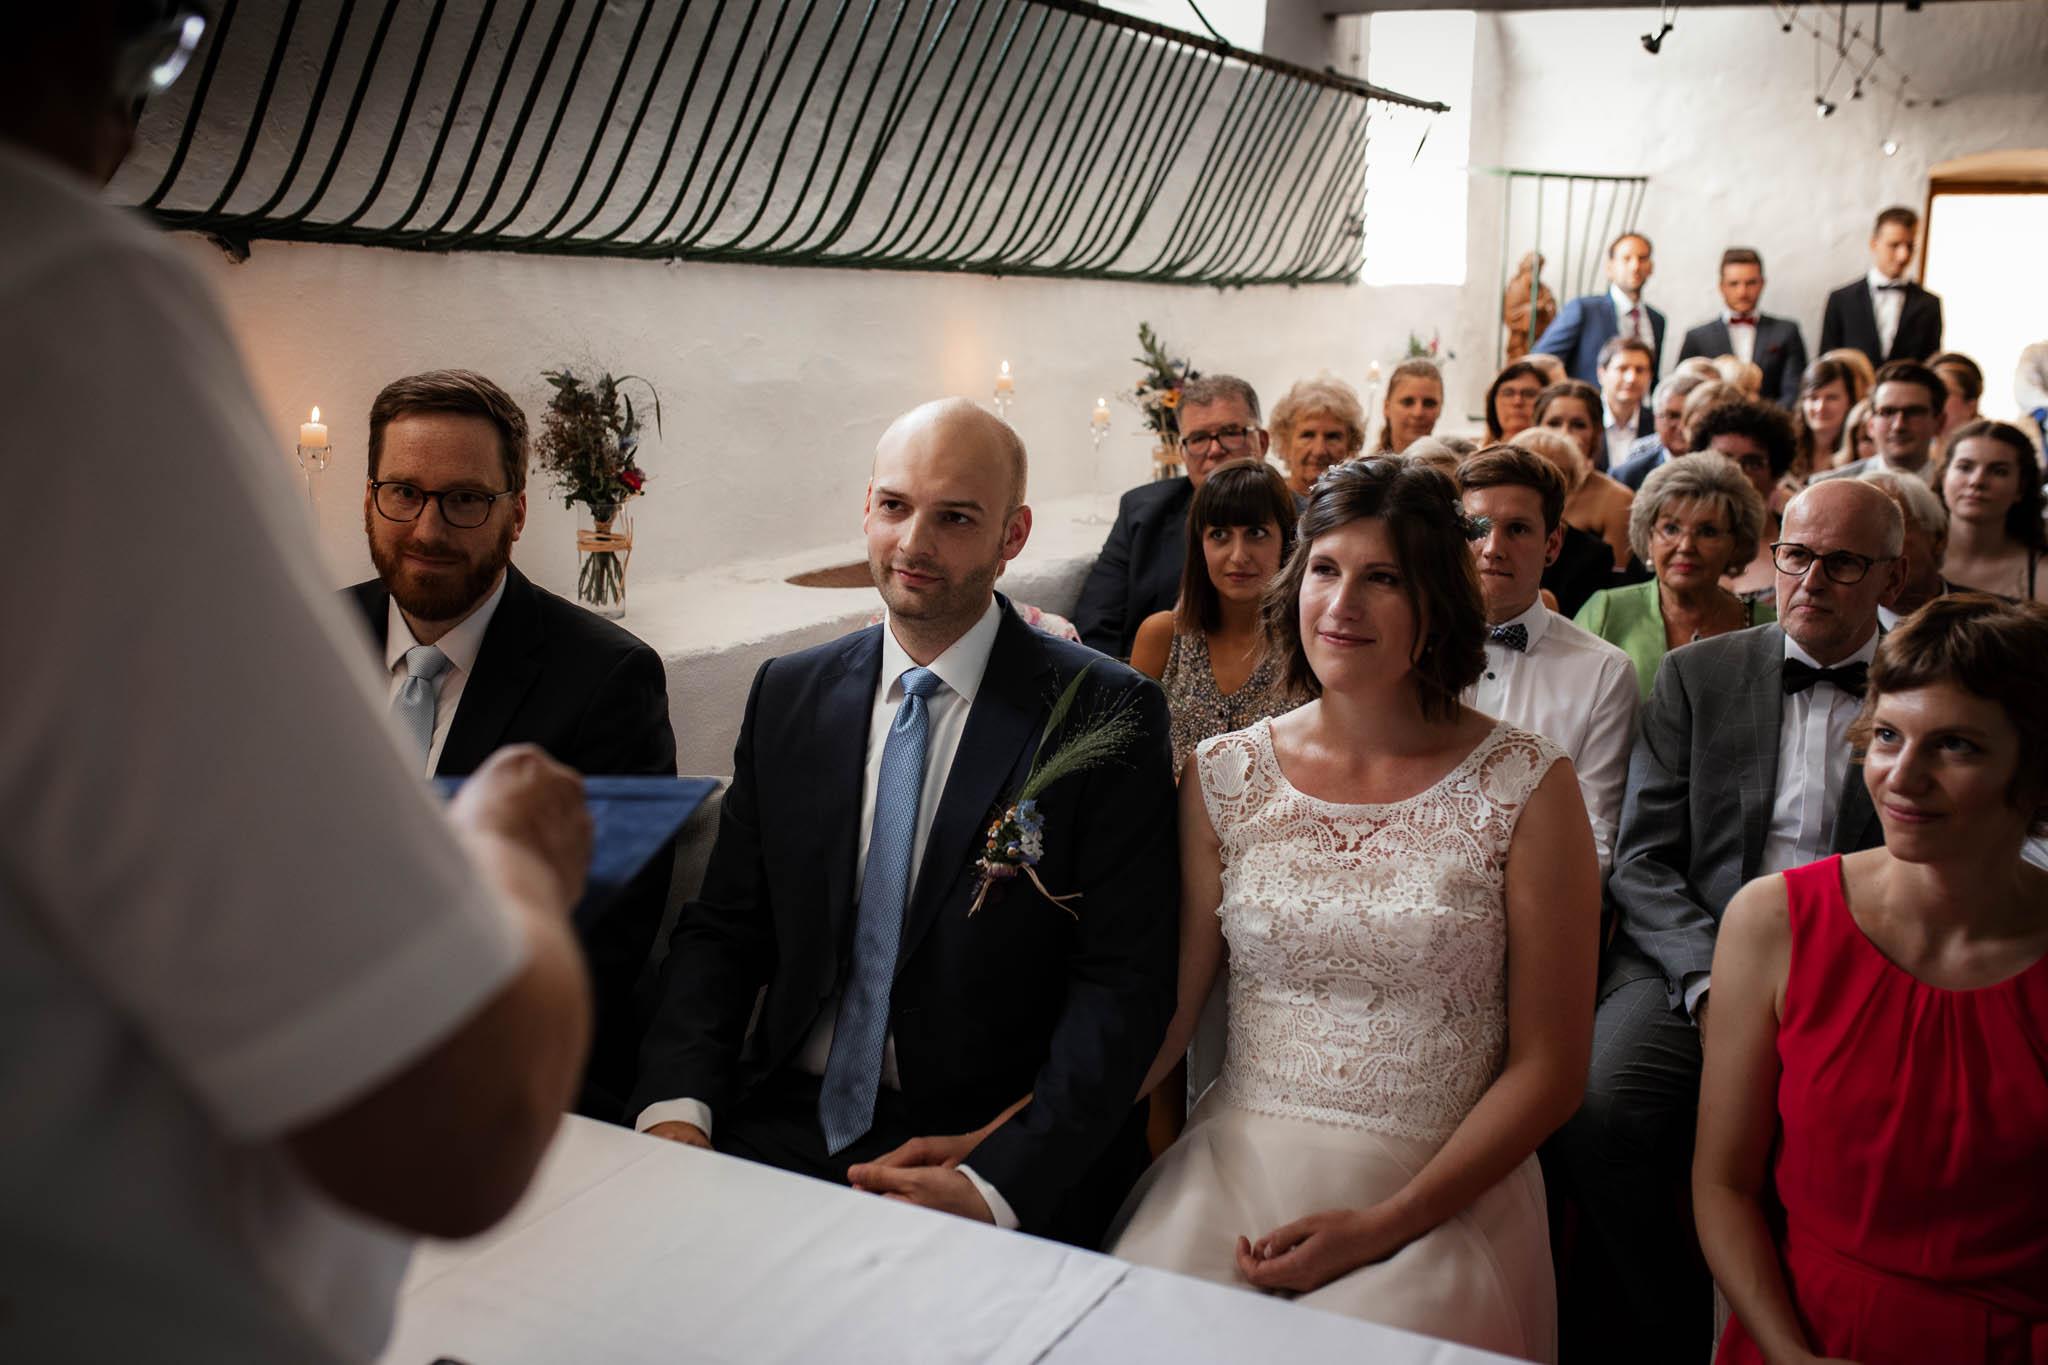 Hochzeitsfotograf Guntersblum, Domhof - Hochzeit von Ina & Johannes 14